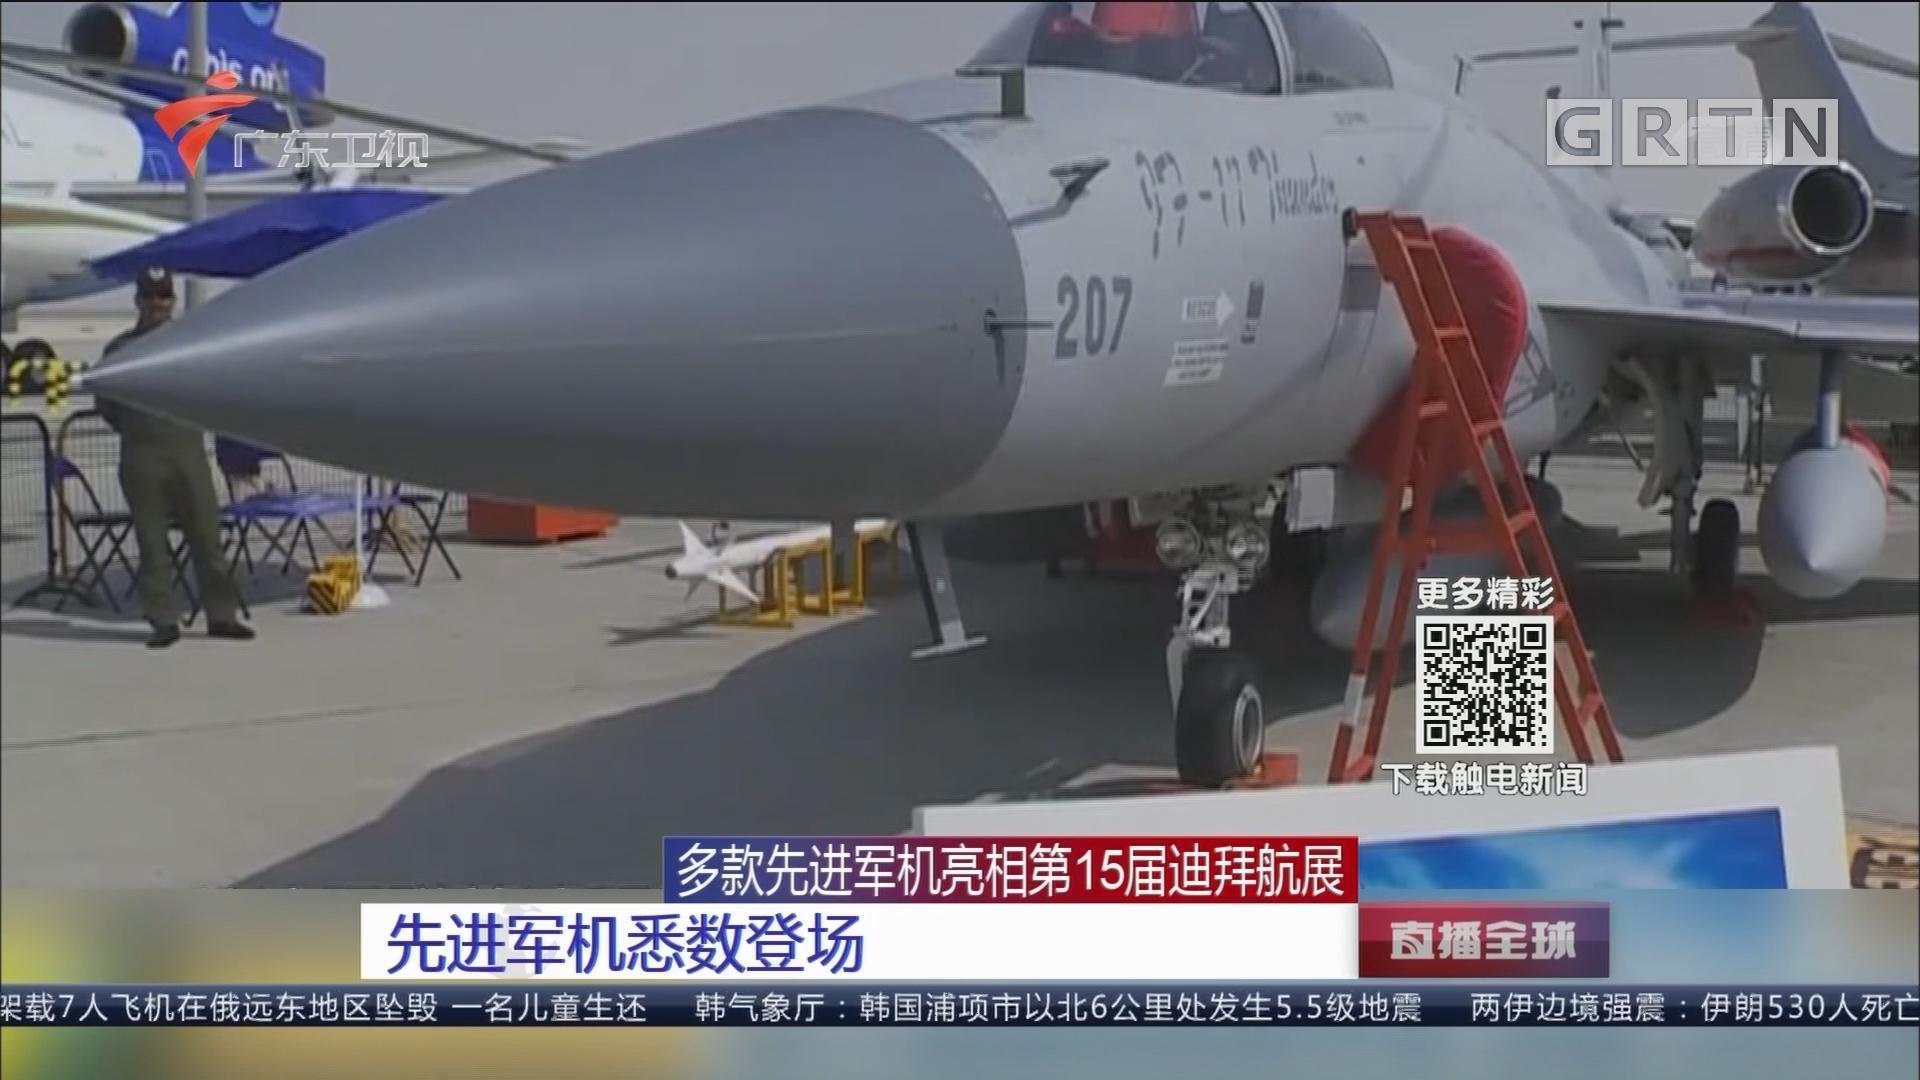 多款先进军机亮相第15届迪拜航展 各国先进战机悉数登场